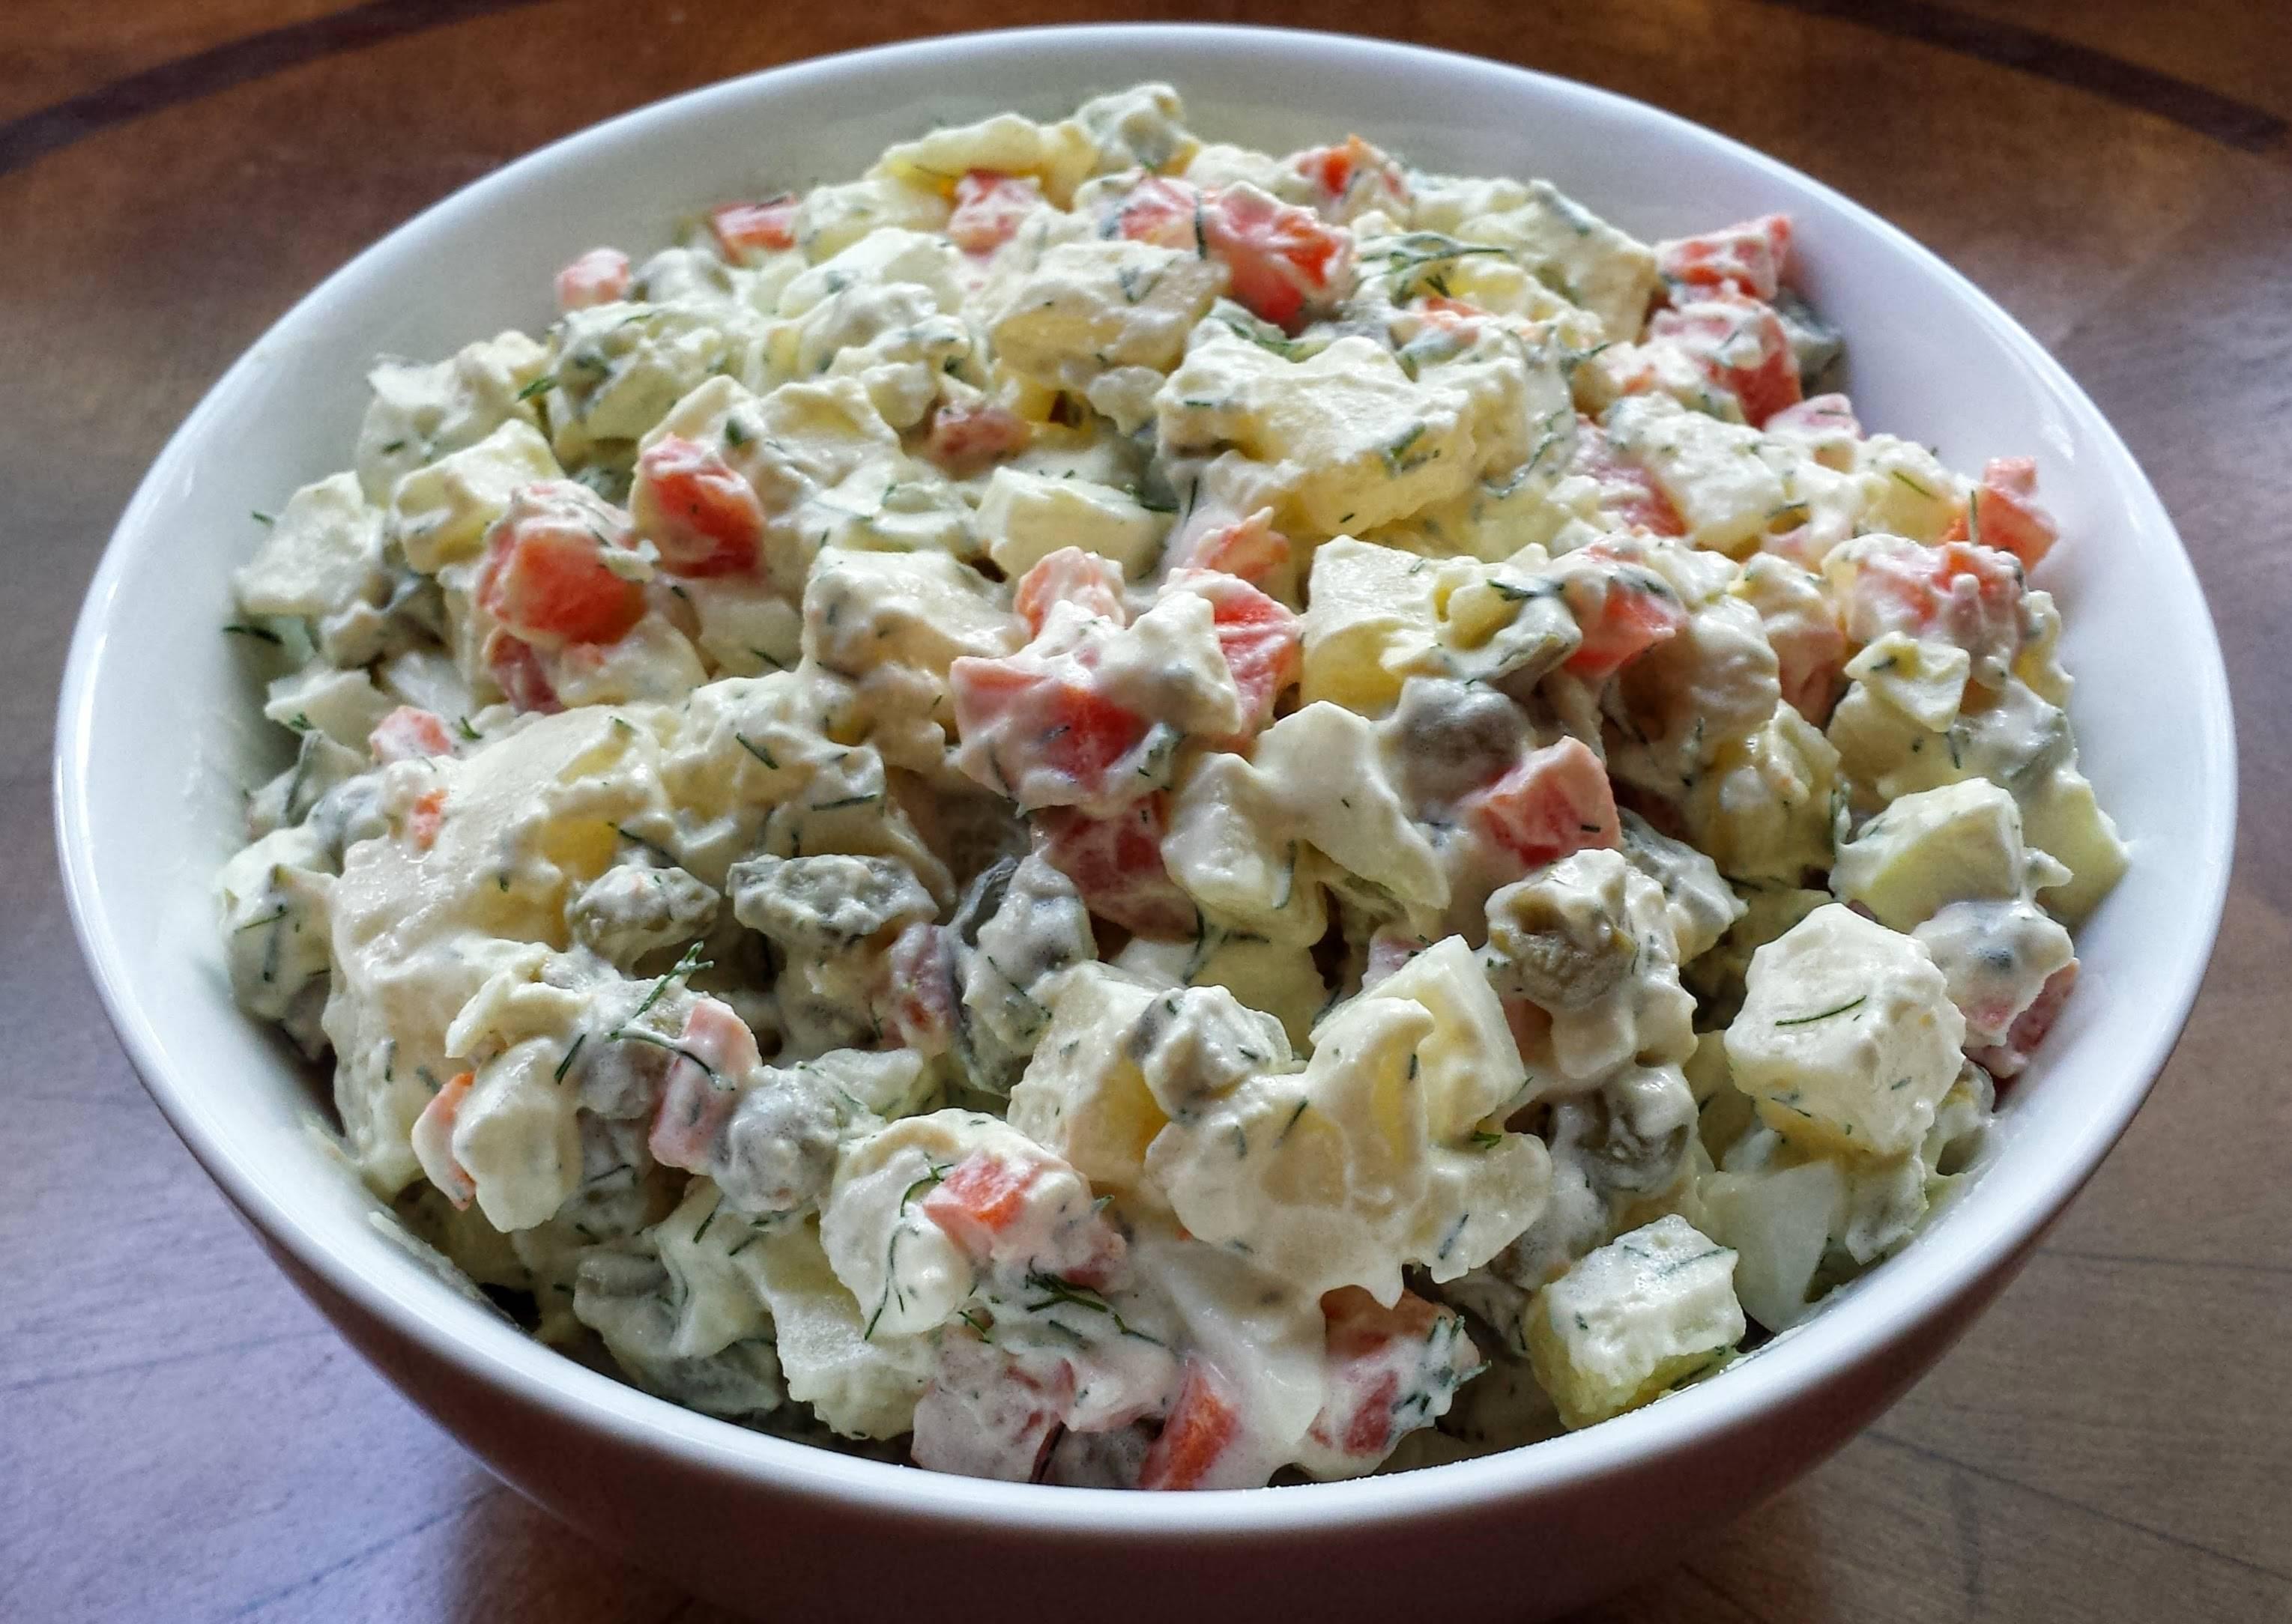 Салат с грибами рецепт пошагово в домашних условиях